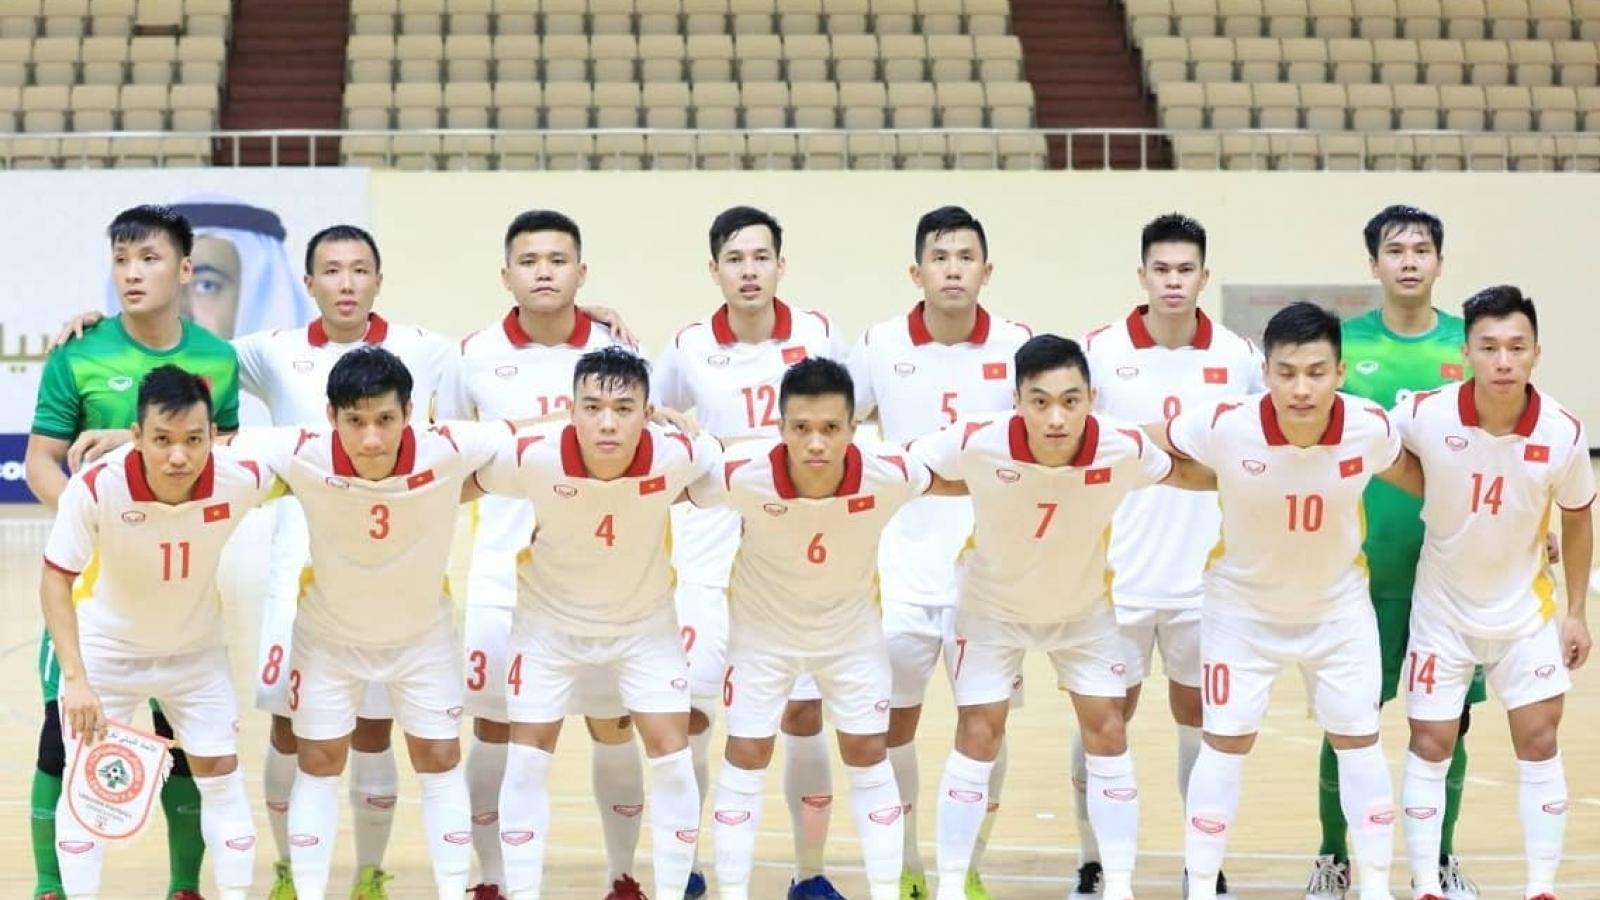 Bốc thăm Futsal World Cup 2021: ĐT Futsal Việt Nam cùng bảng Brazil